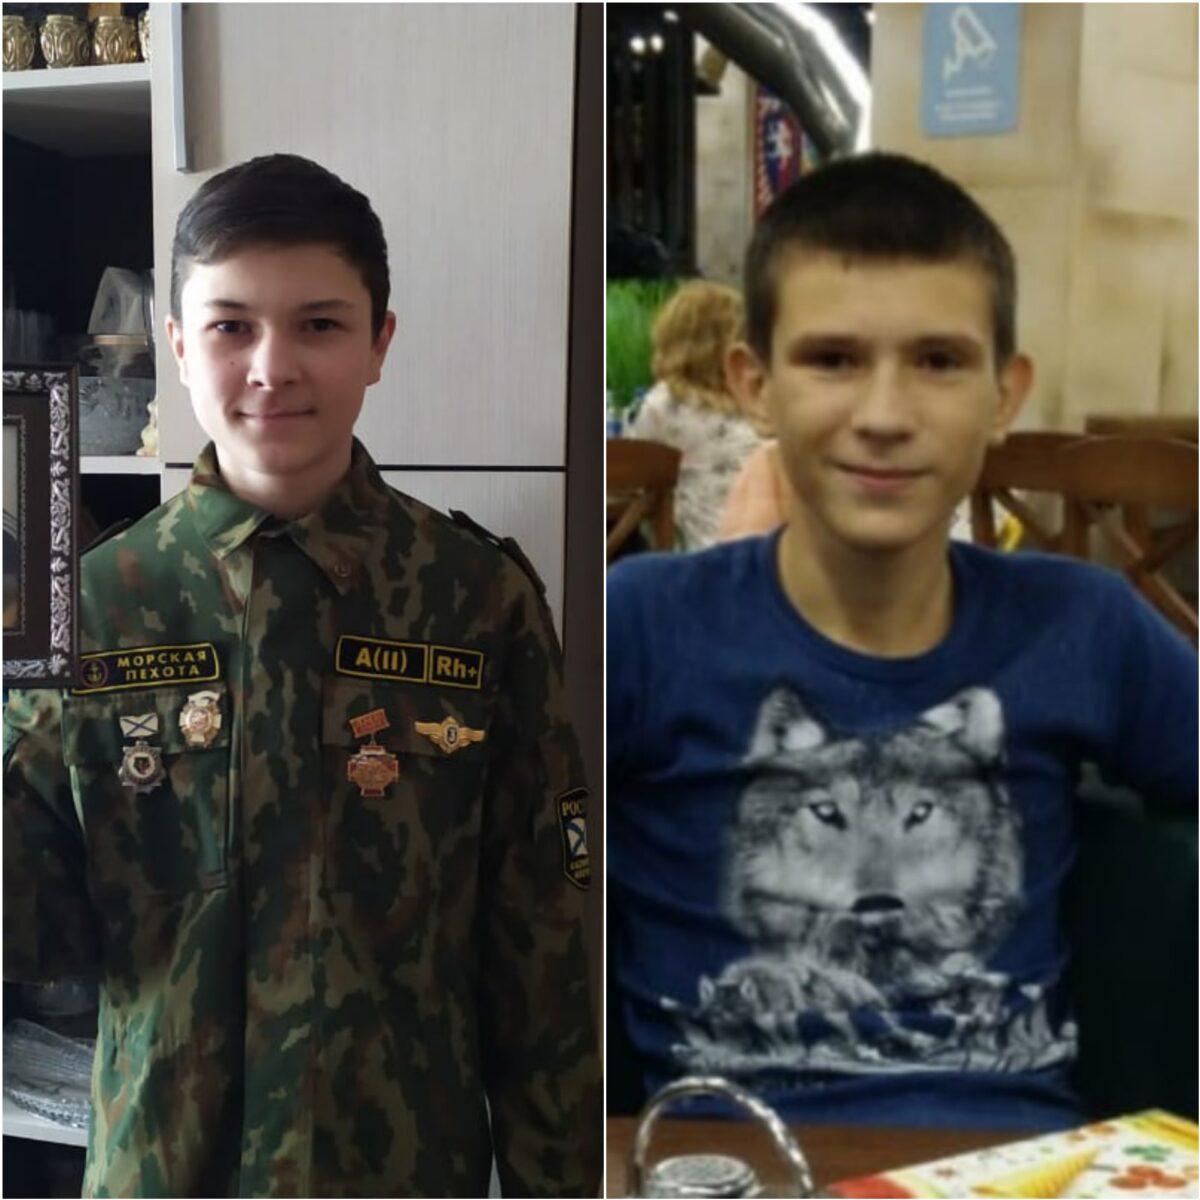 По факту пропажи двух подростков в Твери возбуждены уголовные дела